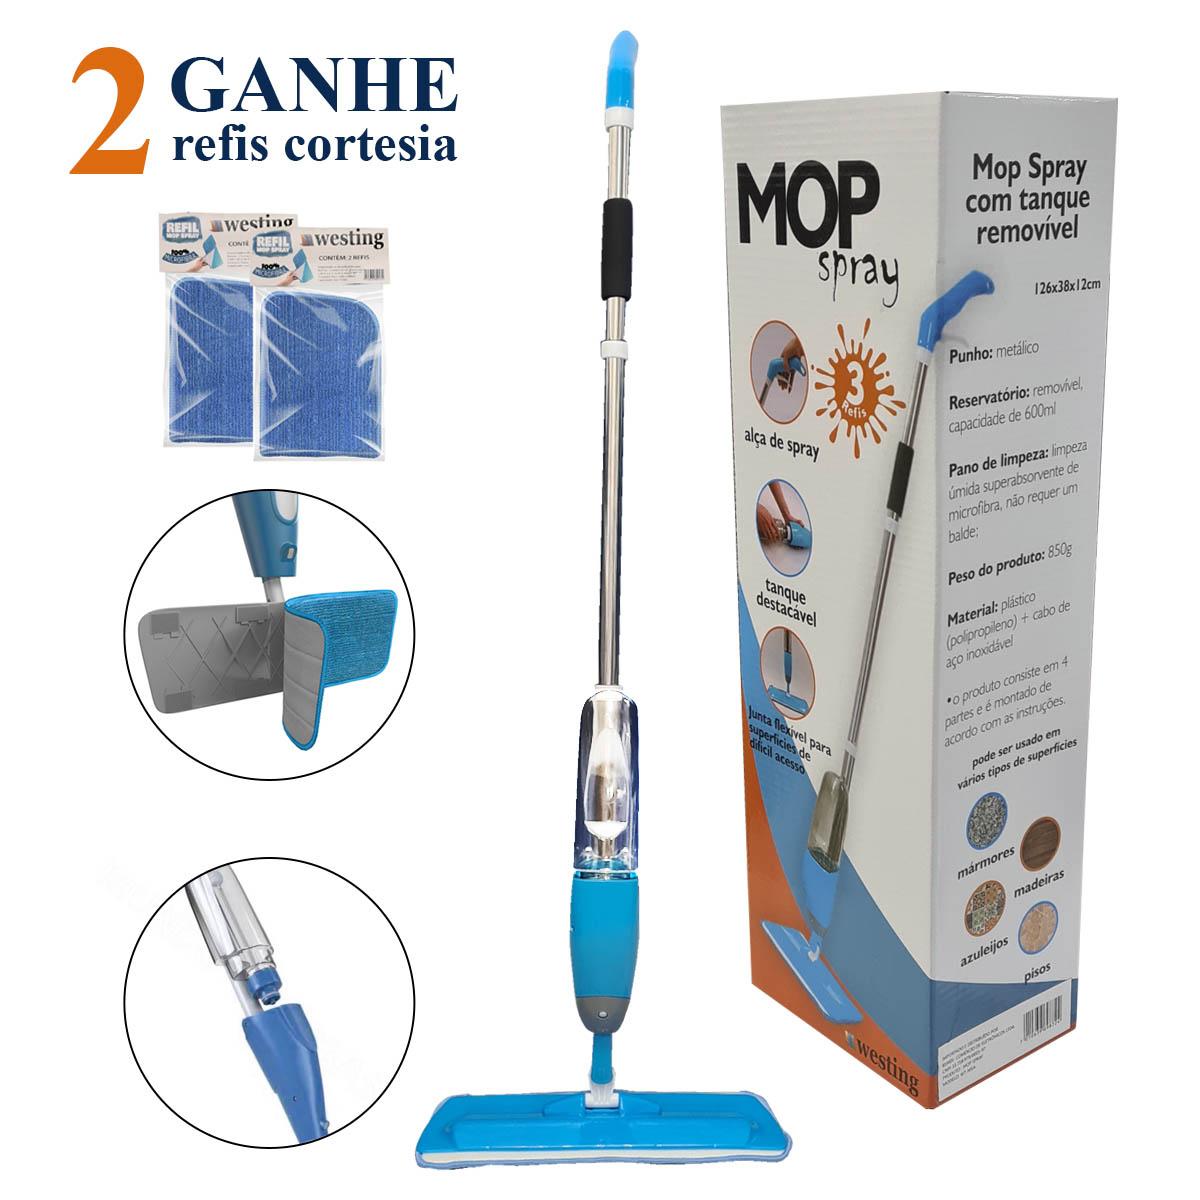 Mop Spray, esfregão vassoura mágica de microfibra com reservatório + 3 Refis